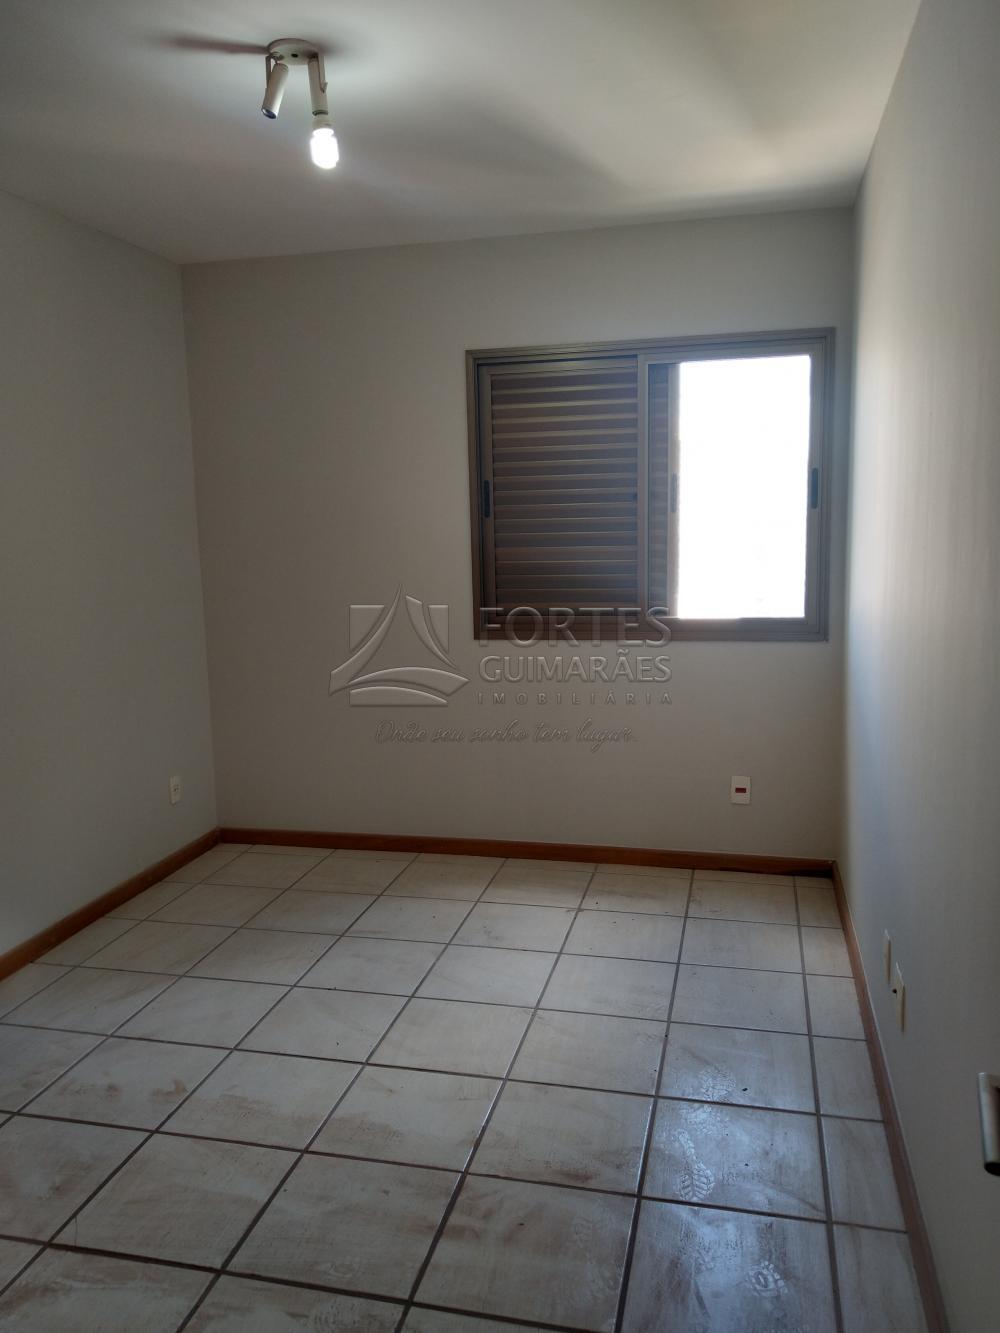 Alugar Apartamentos / Padrão em Ribeirão Preto apenas R$ 1.600,00 - Foto 42